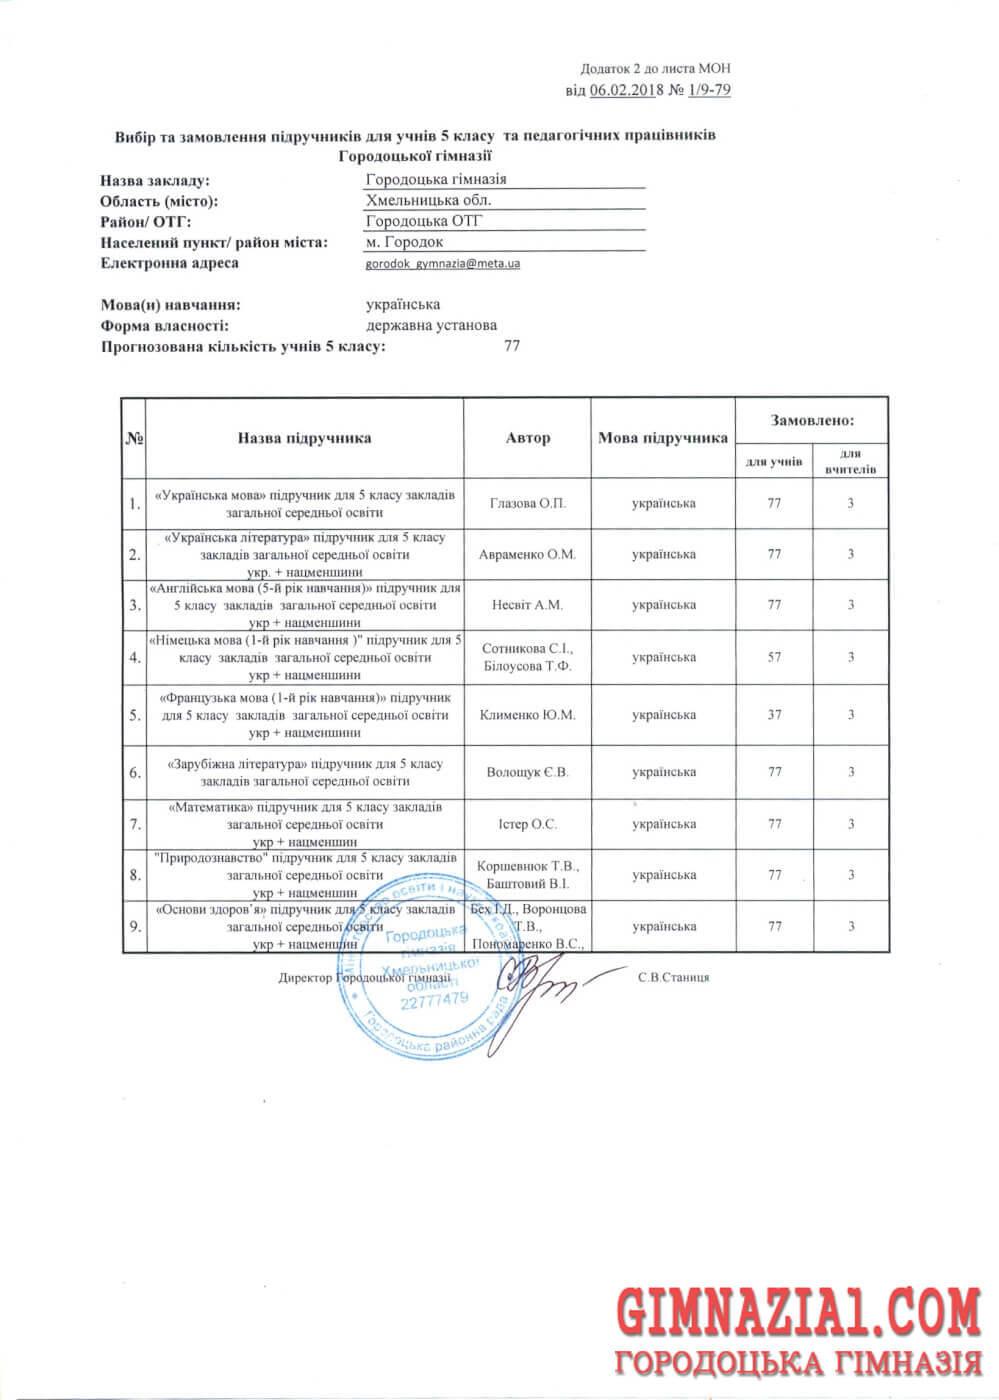 skanirovanie0011 - Про вибір і замовлення підручників для 5 класу